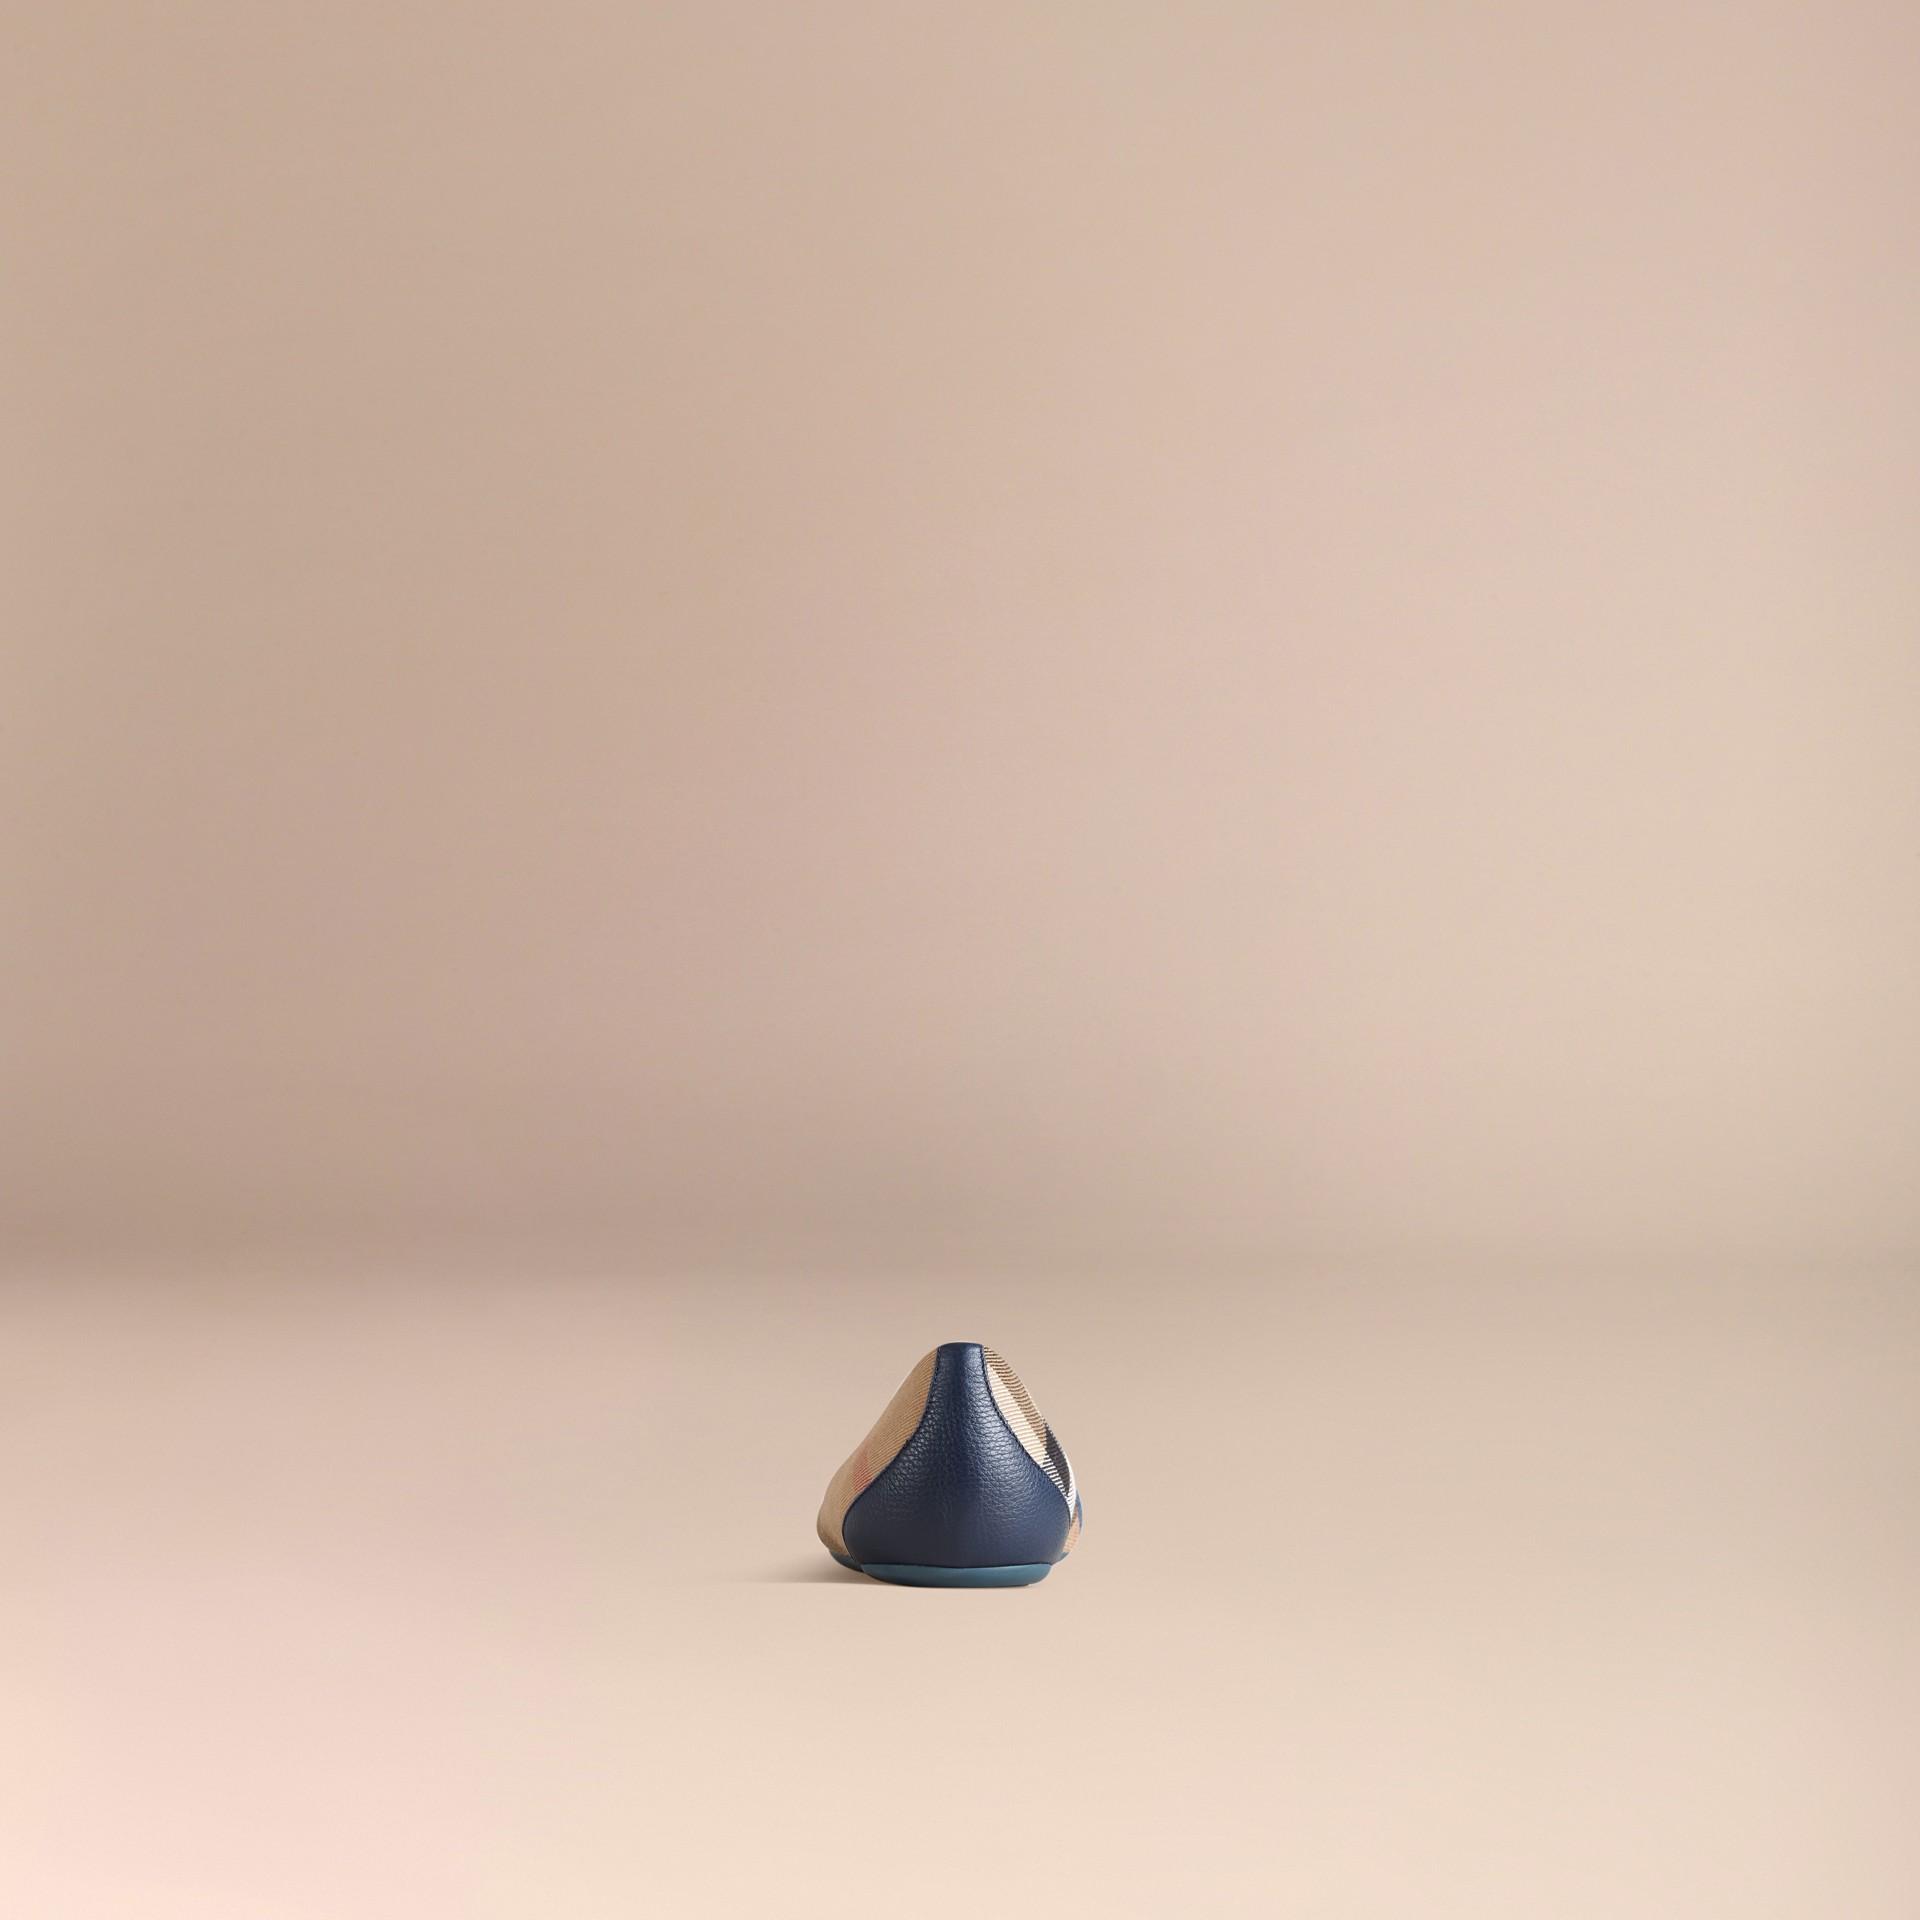 Azul tinta Bailarinas de checks House con detalle en cuero ecuestre Azul Tinta - imagen de la galería 4